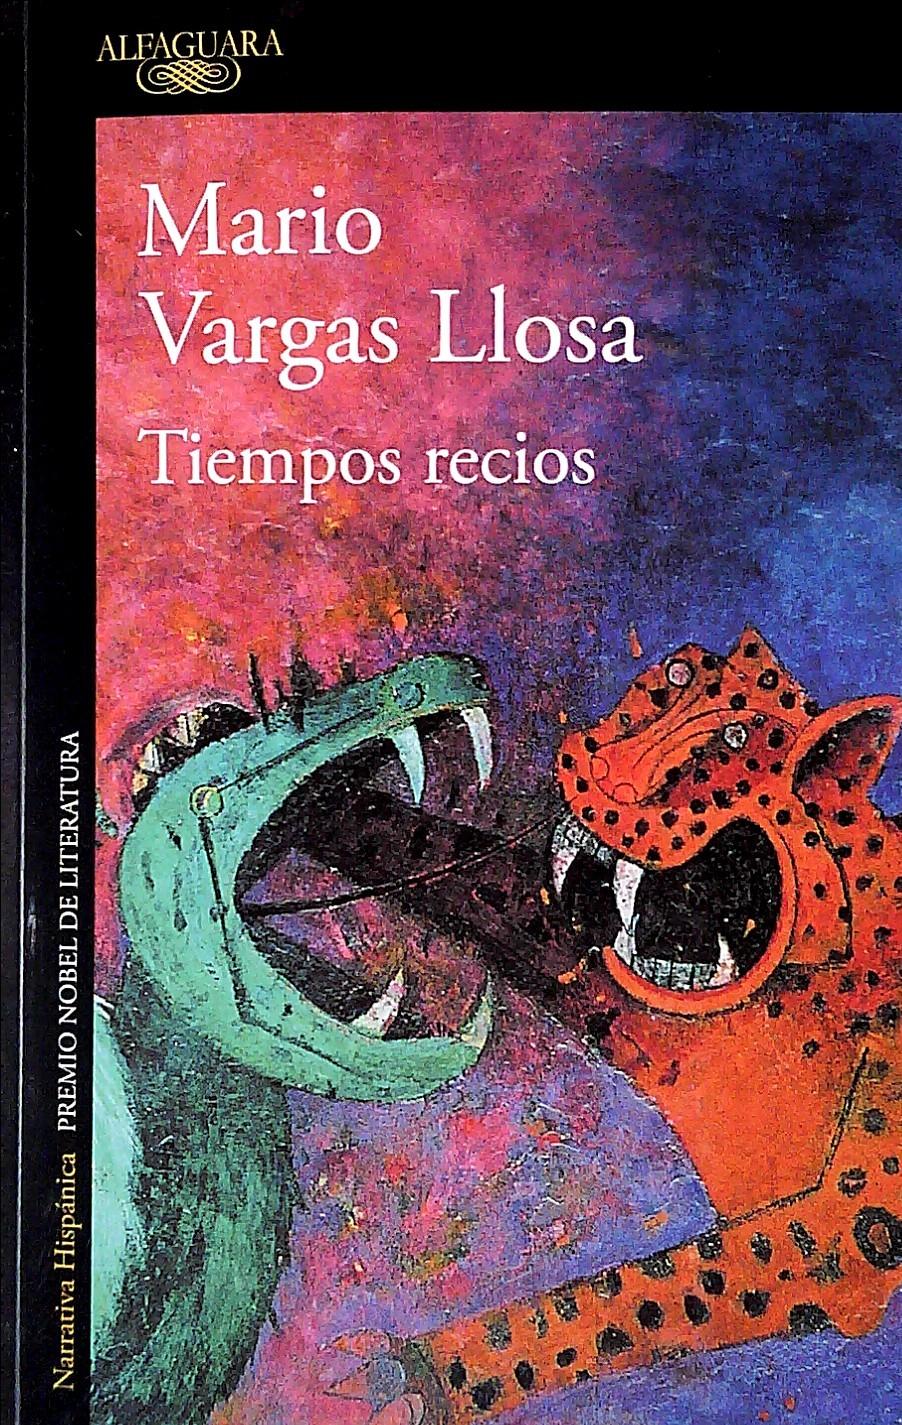 MARIO VARGAS LLOSA : TIEMPOS RECIOS .